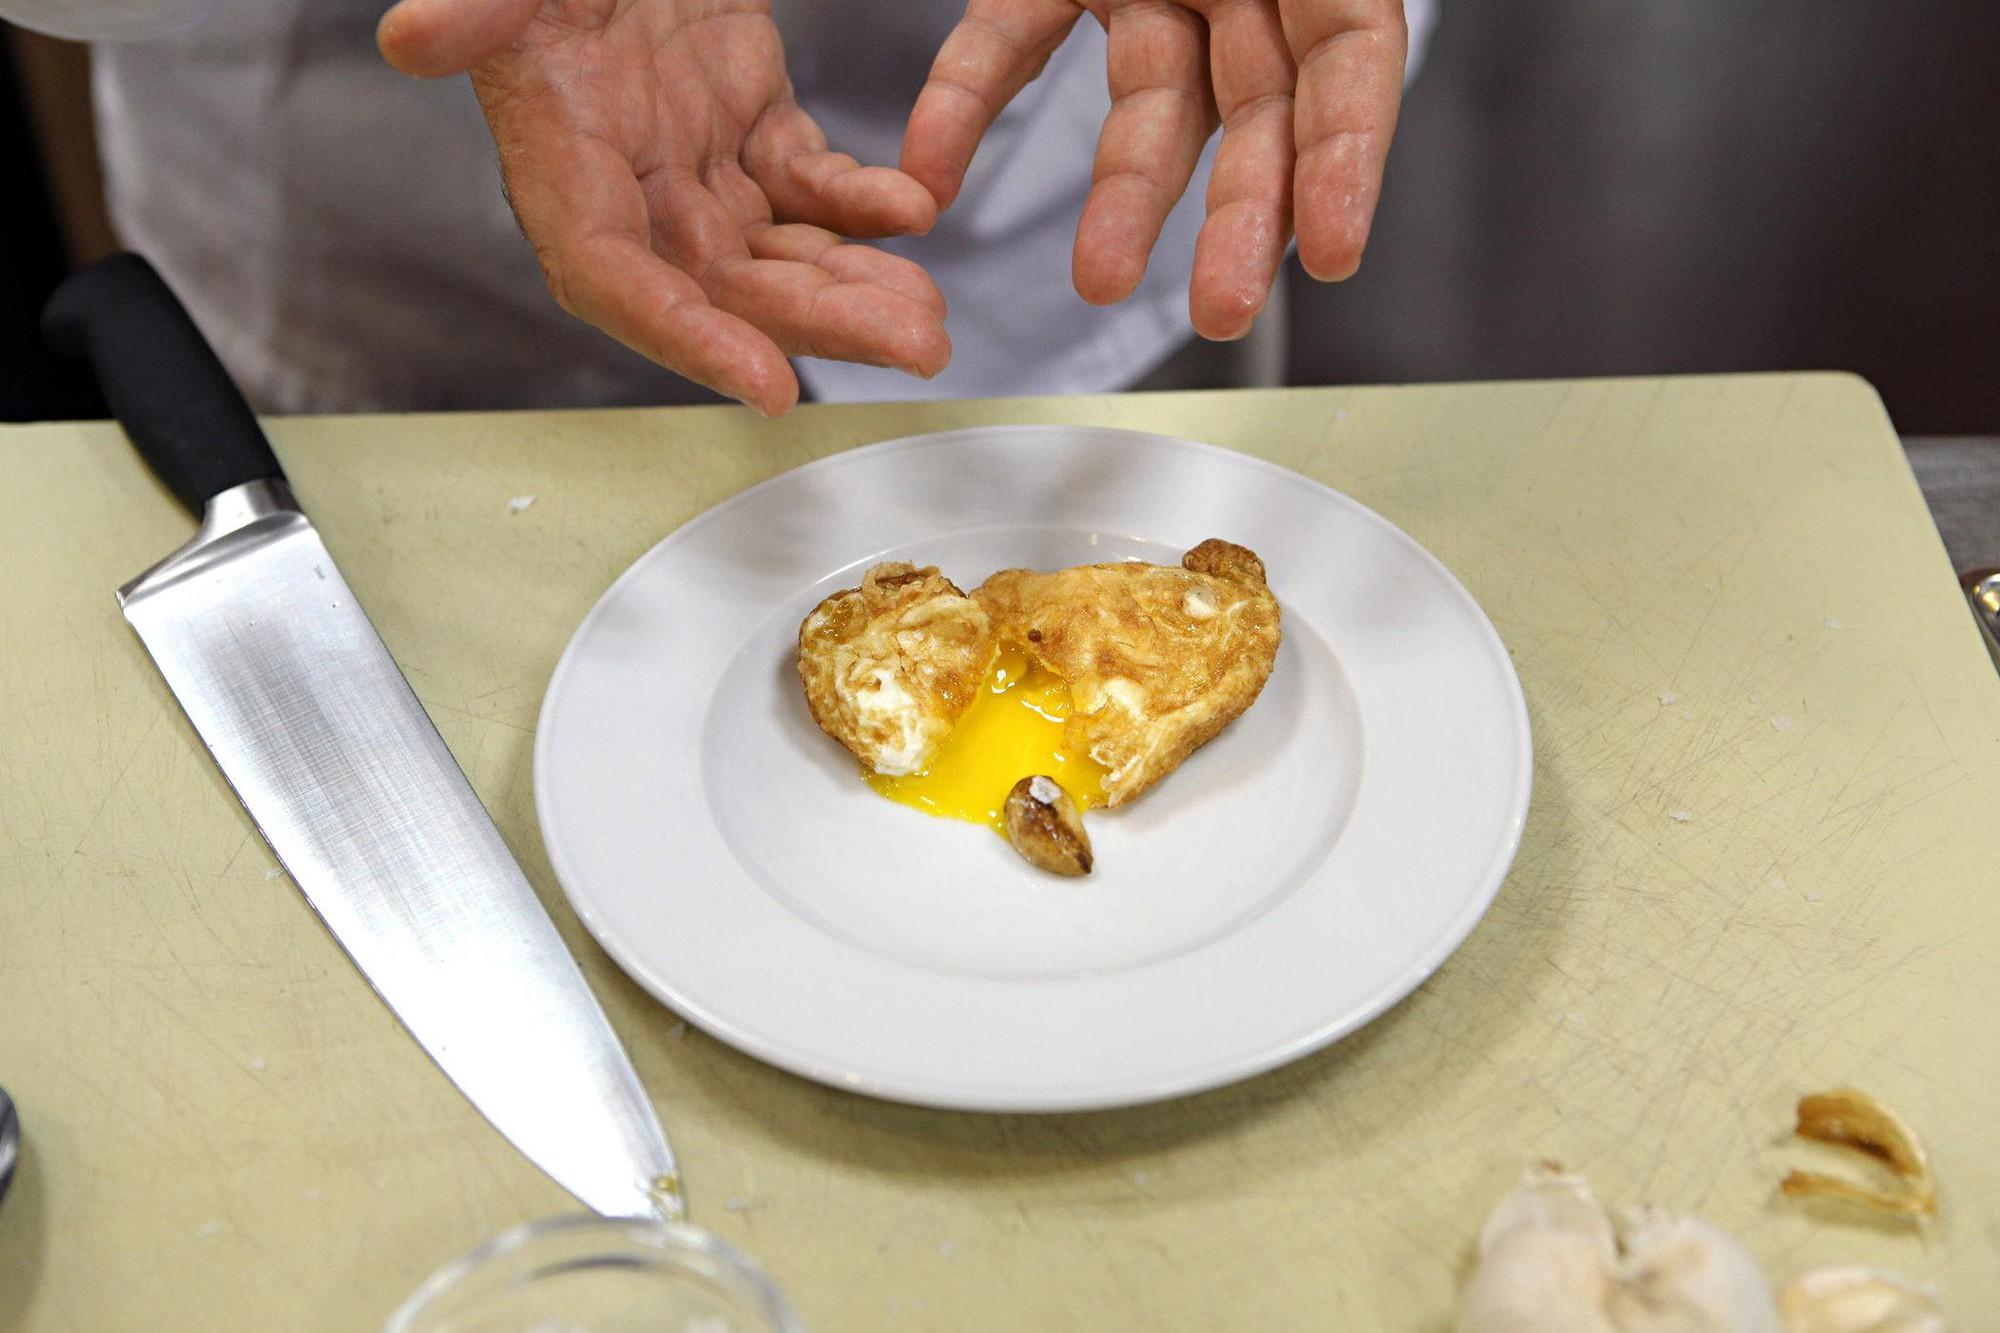 Cũng chỉ là chiên trứng thôi, nhưng nghiêng chảo như vị đầu bếp lừng danh này thì bạn sẽ có món trứng ốp la chuẩn 5 sao - Ảnh 5.